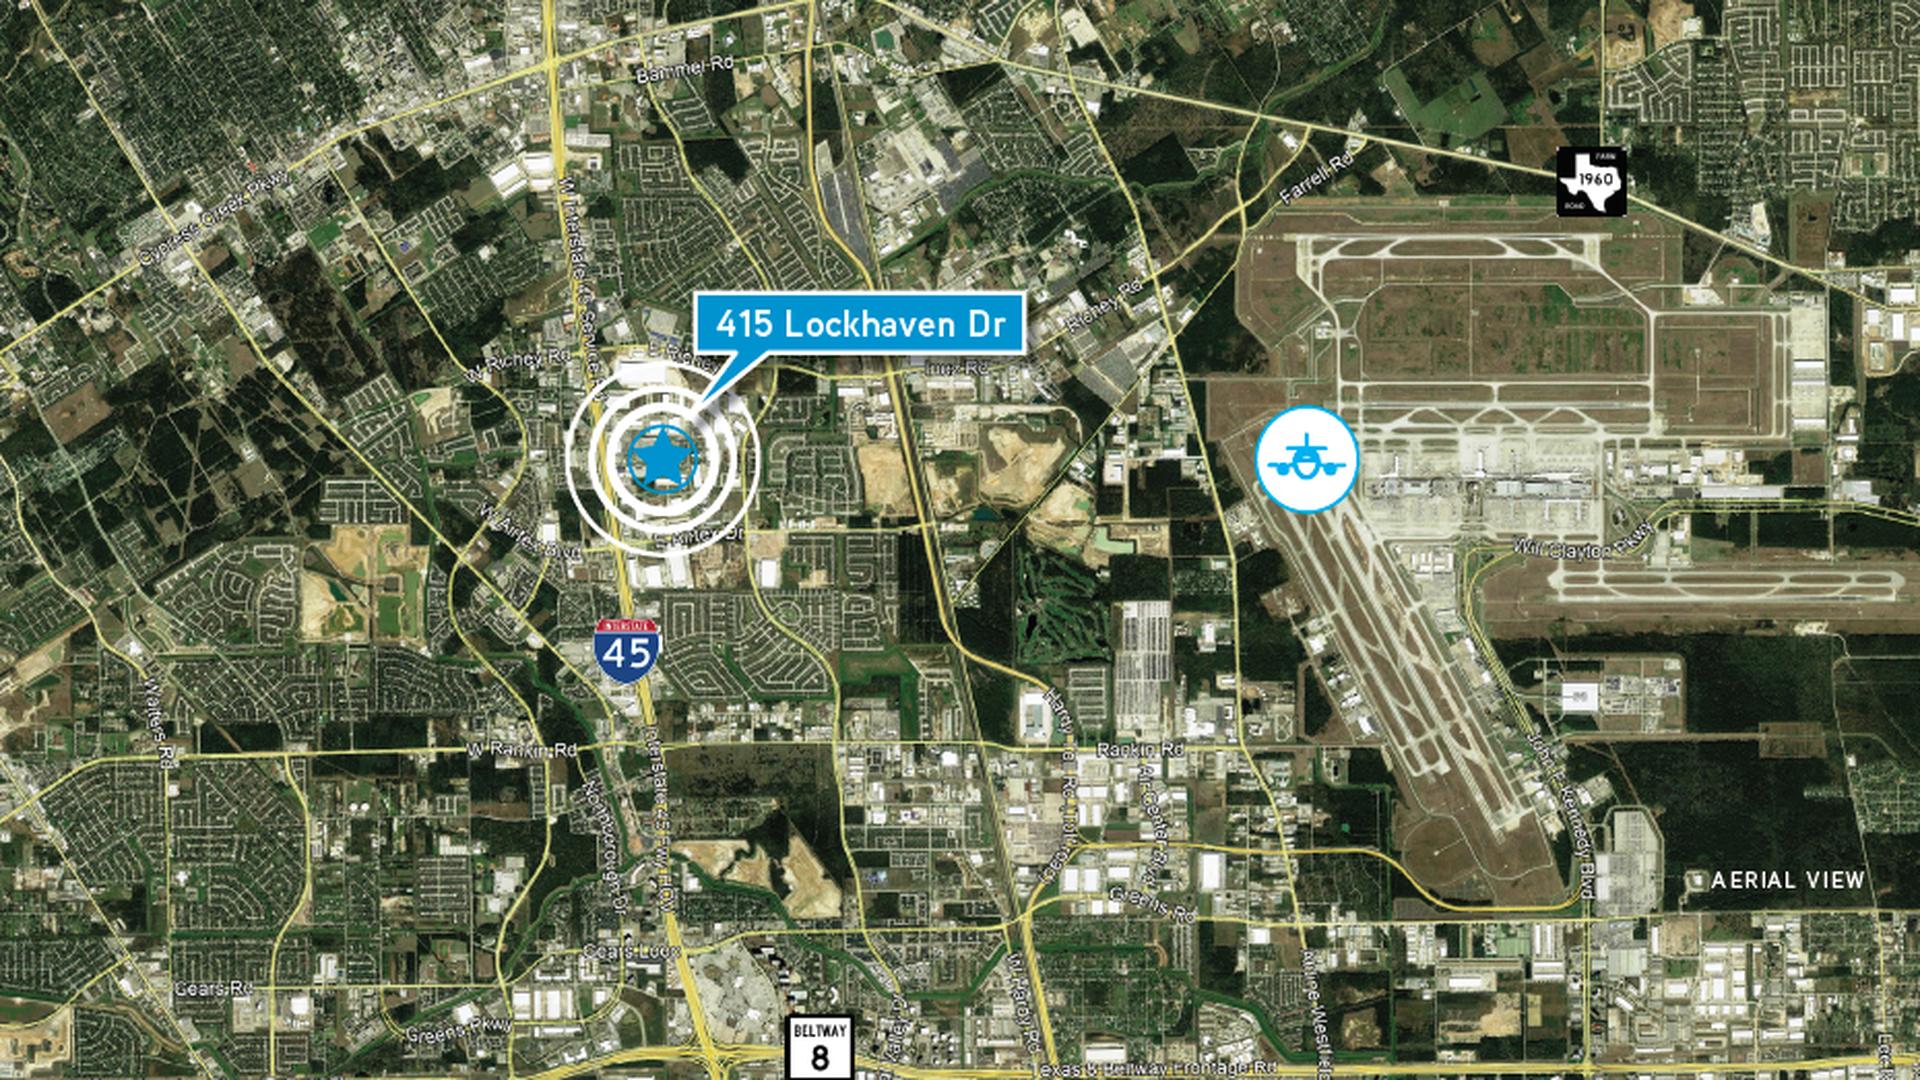 415 Lockhaven Drive Houston Tx 77073 United States